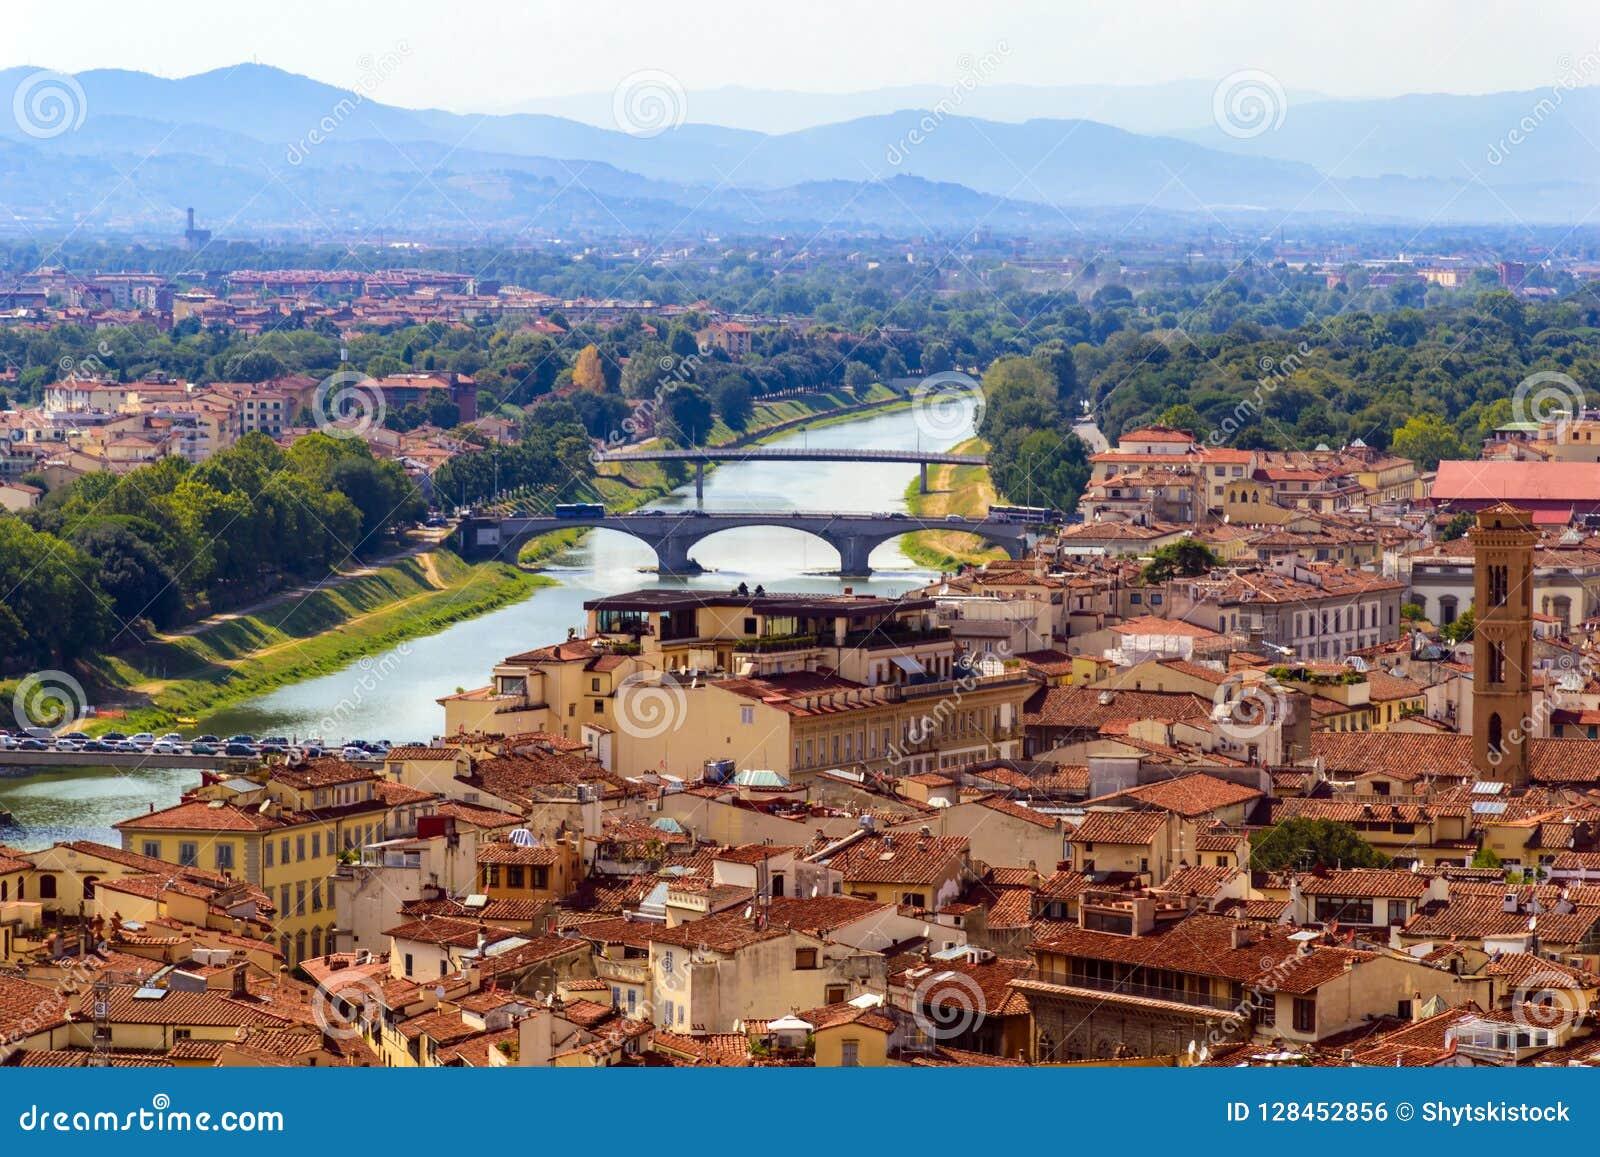 Vista panoramica di Firenze, città italiana antica